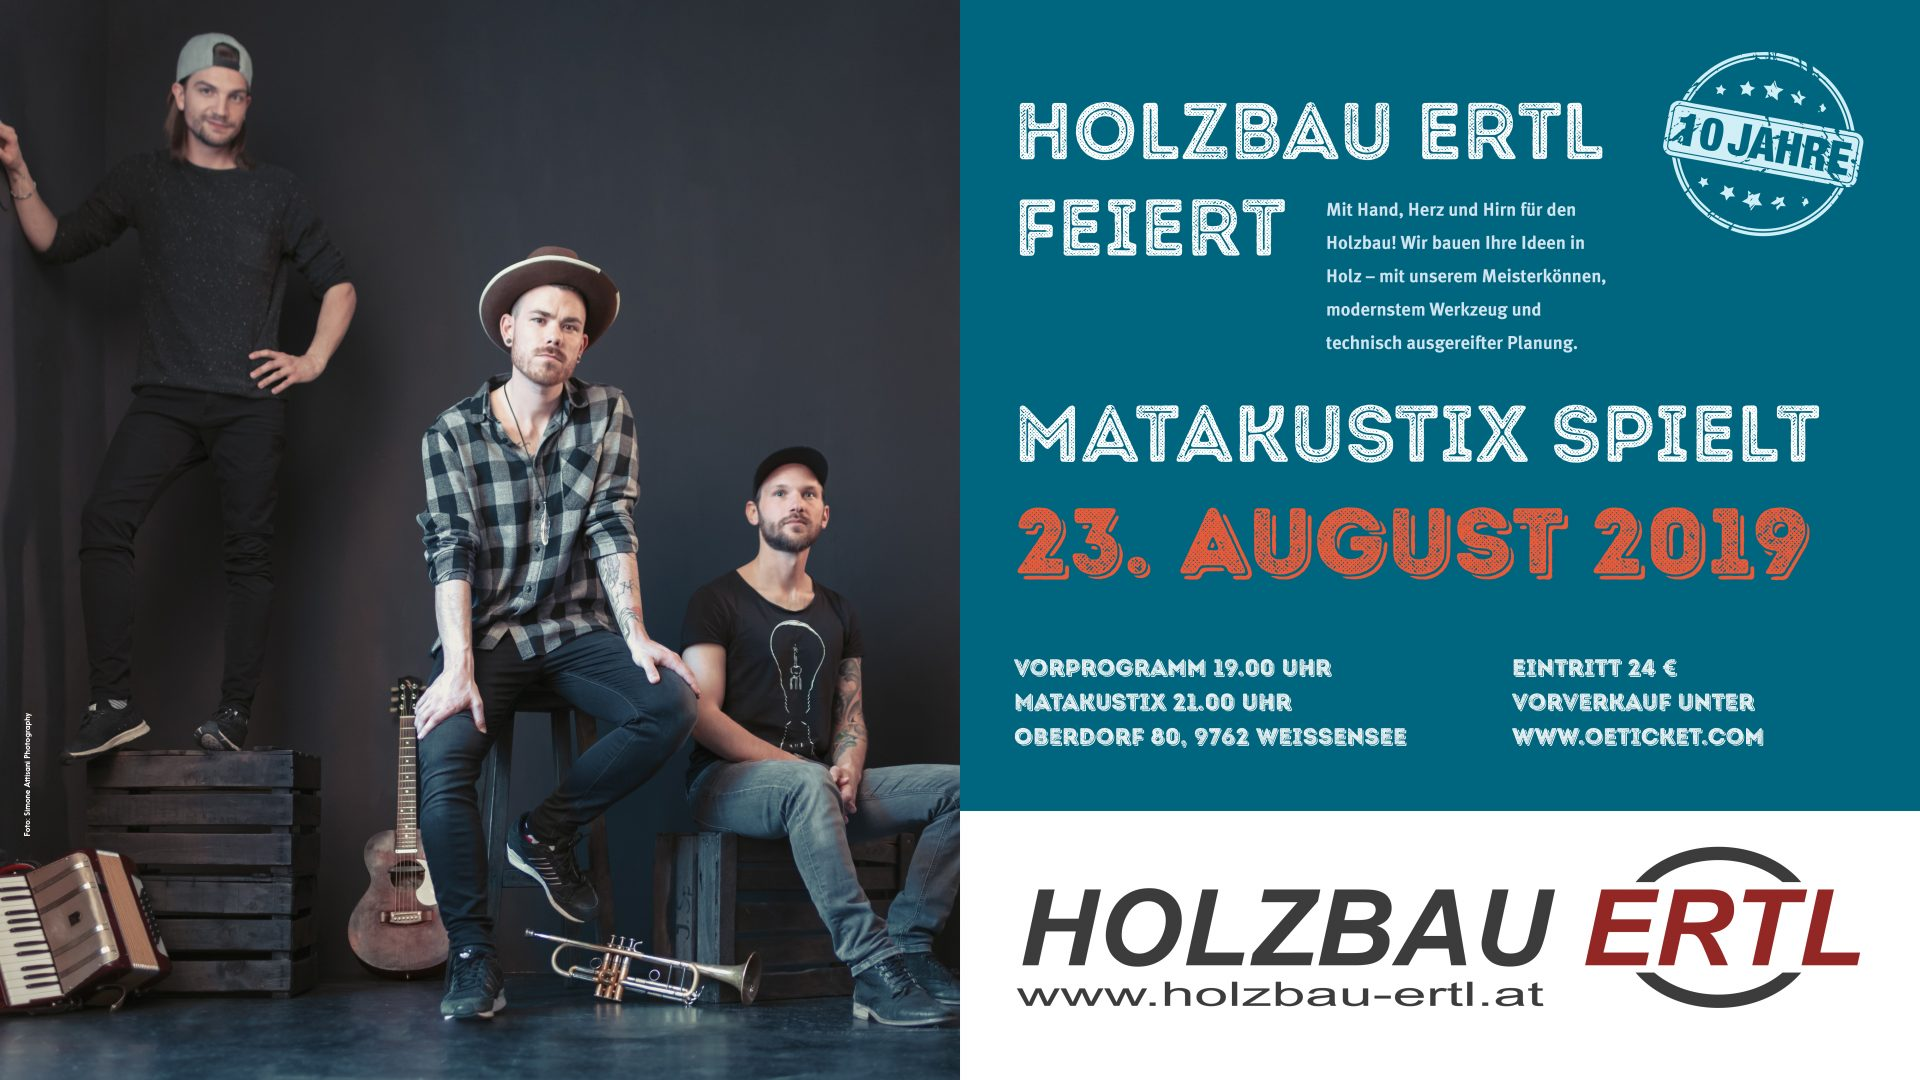 Holzbau_1920x1080pix.indd